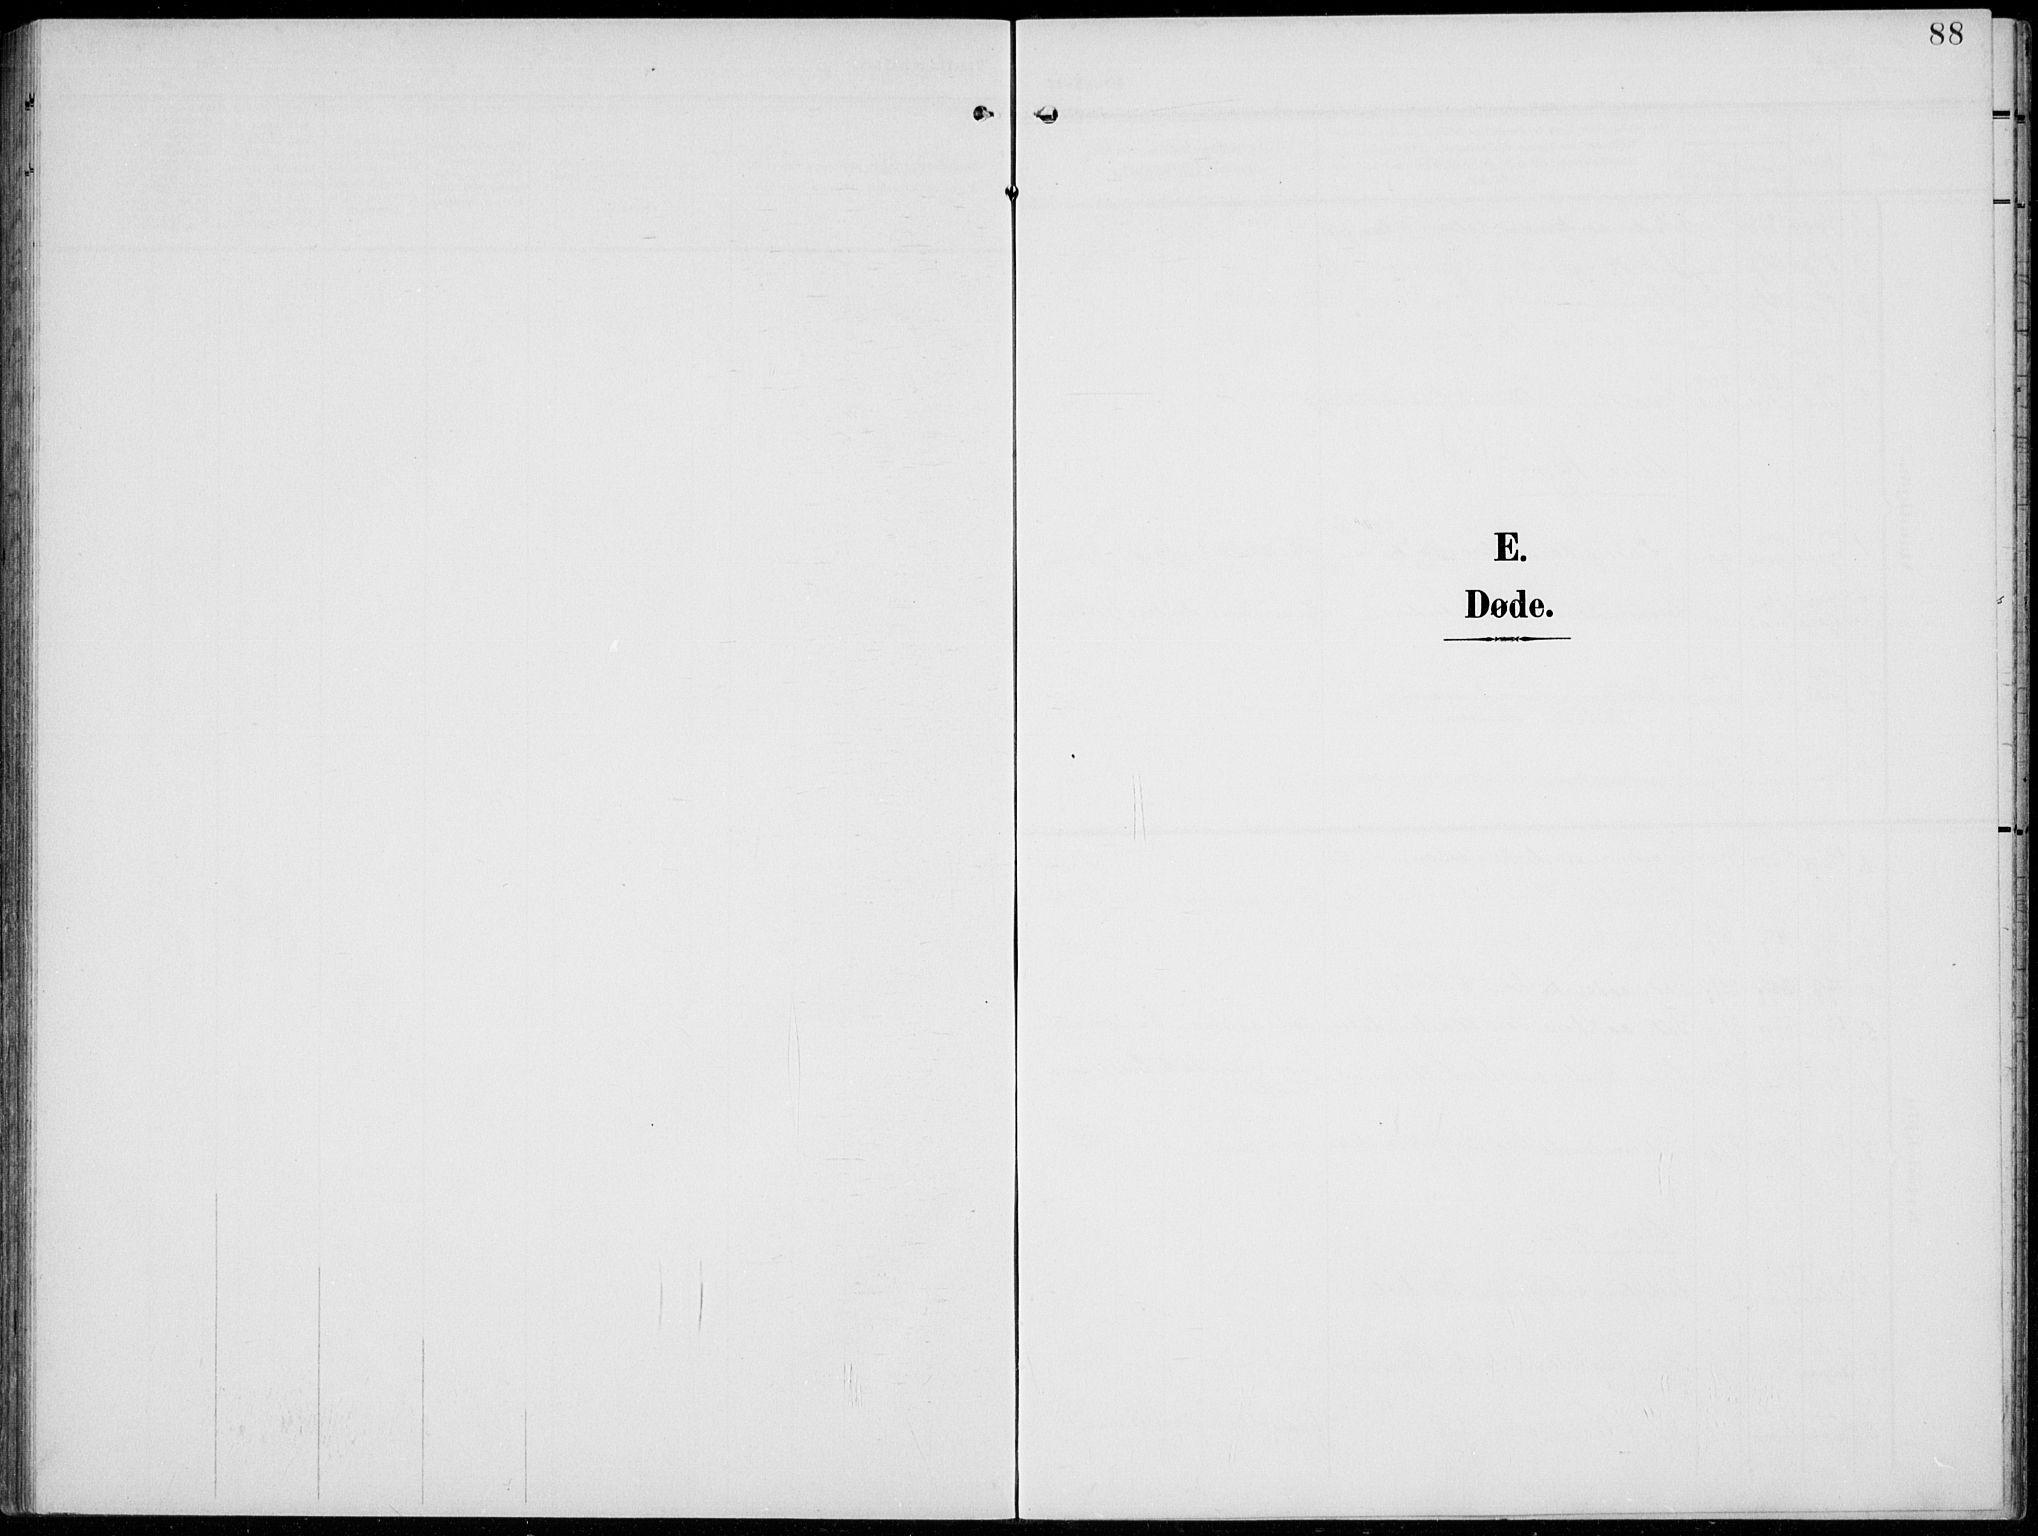 SAH, Lom prestekontor, L/L0007: Klokkerbok nr. 7, 1904-1938, s. 88